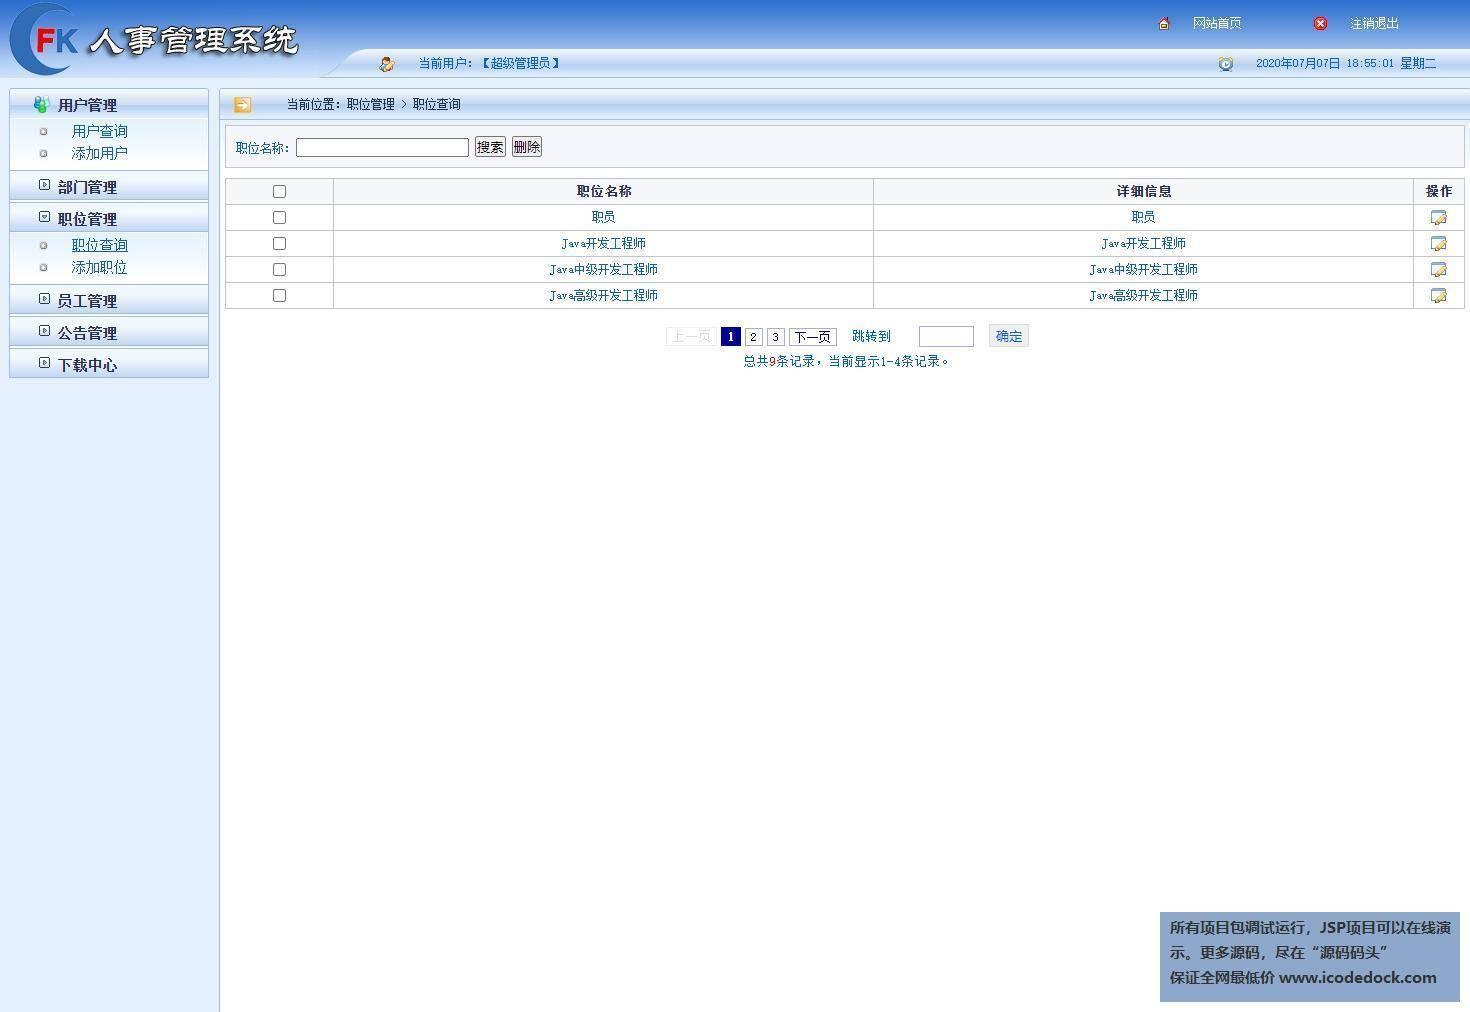 源码码头-SSM公司人事管理系统-管理员角色-职位管理